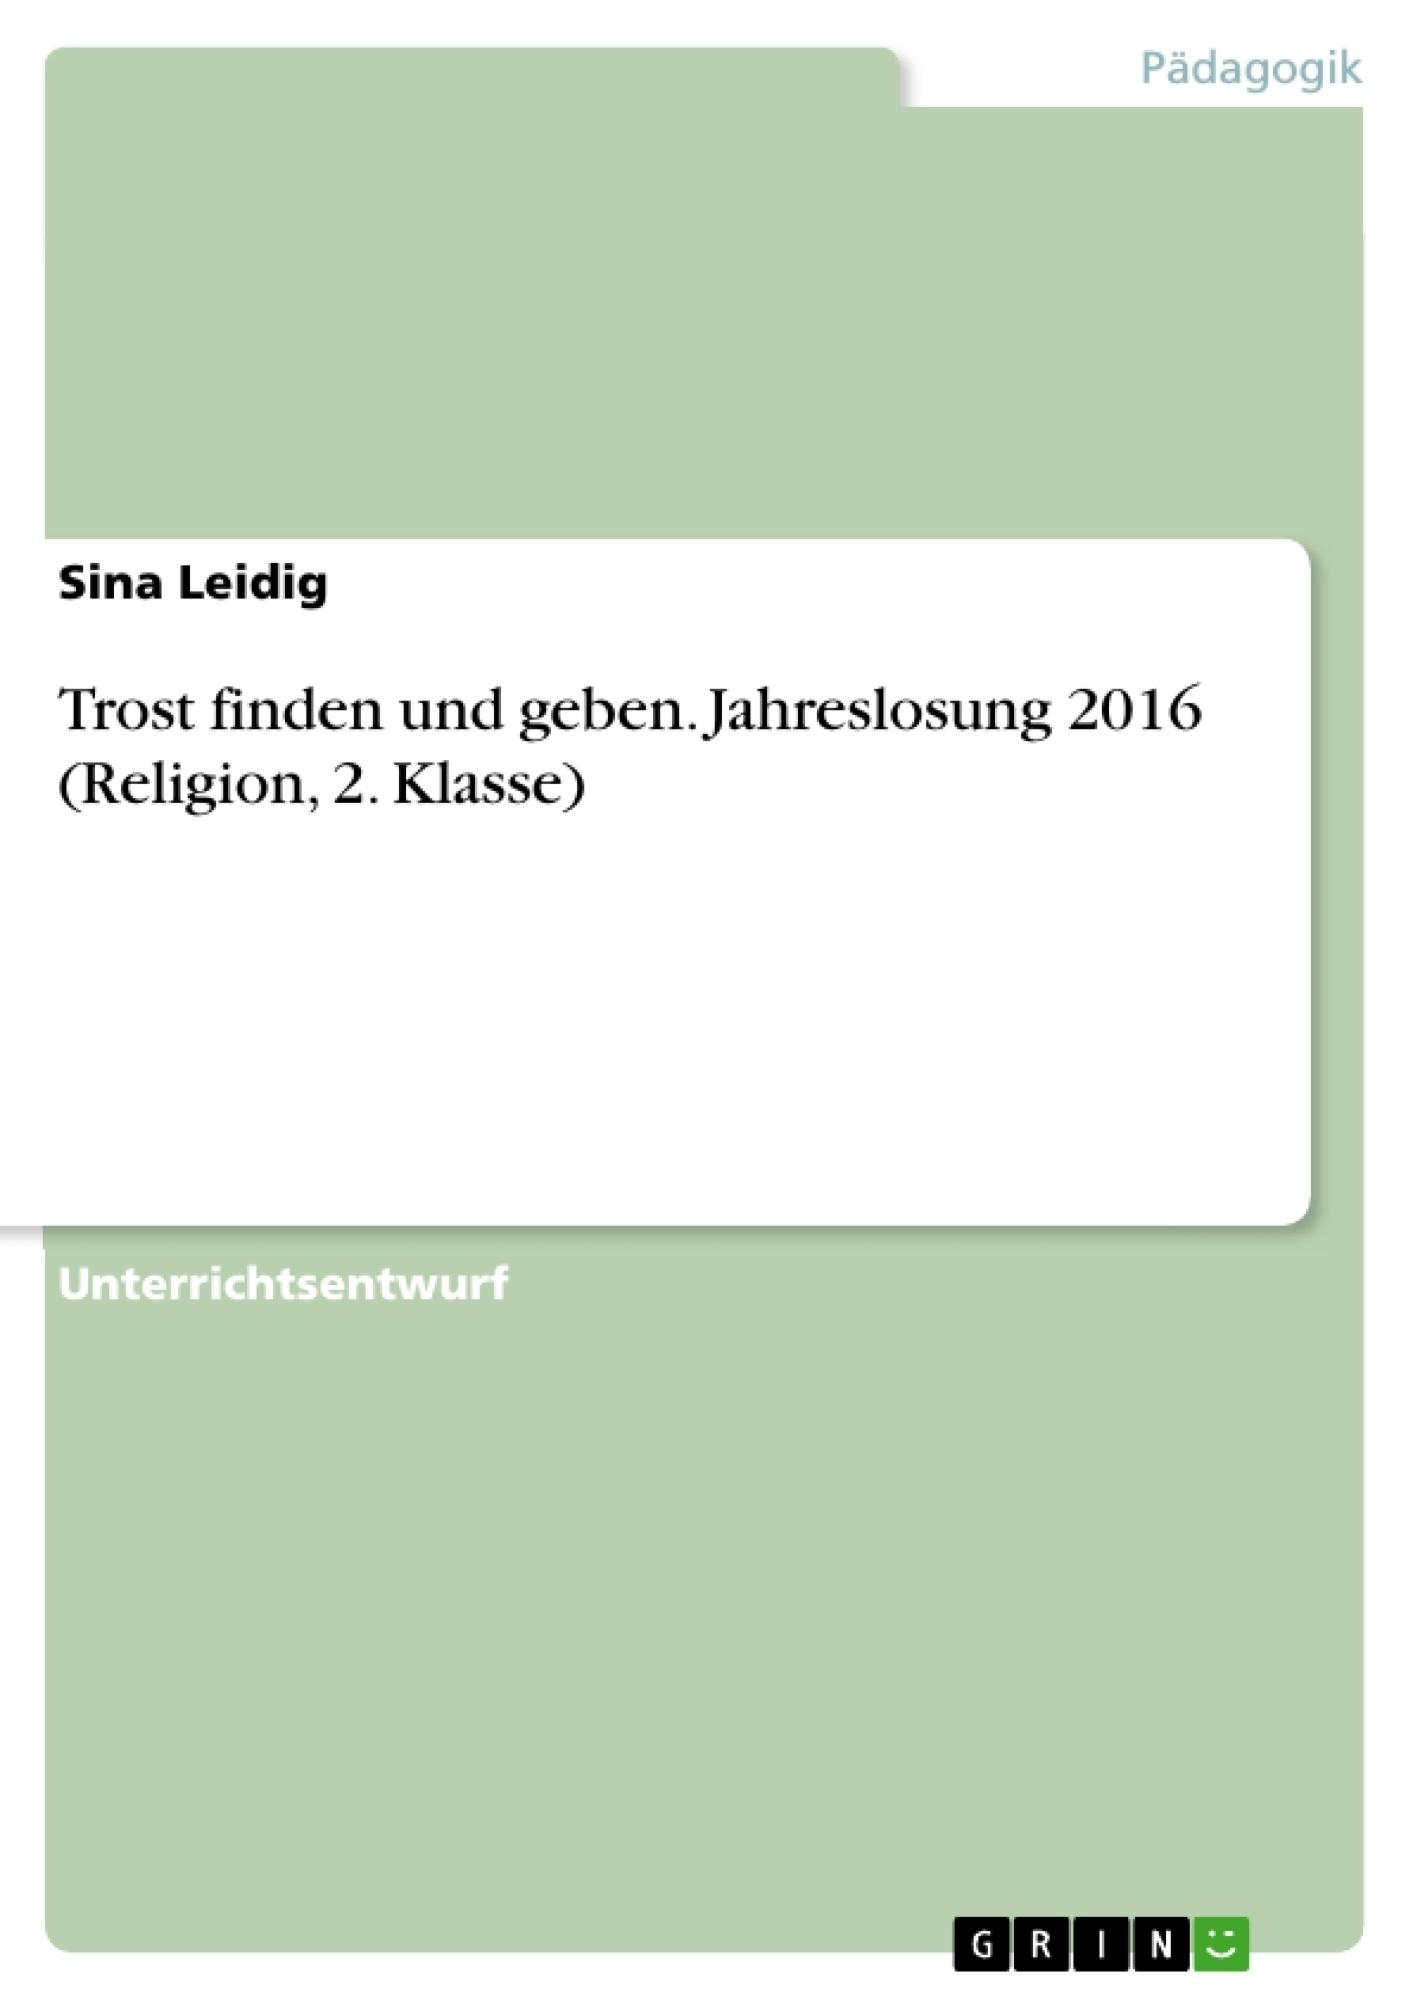 Titel: Trost finden und geben. Jahreslosung 2016 (Religion, 2. Klasse)